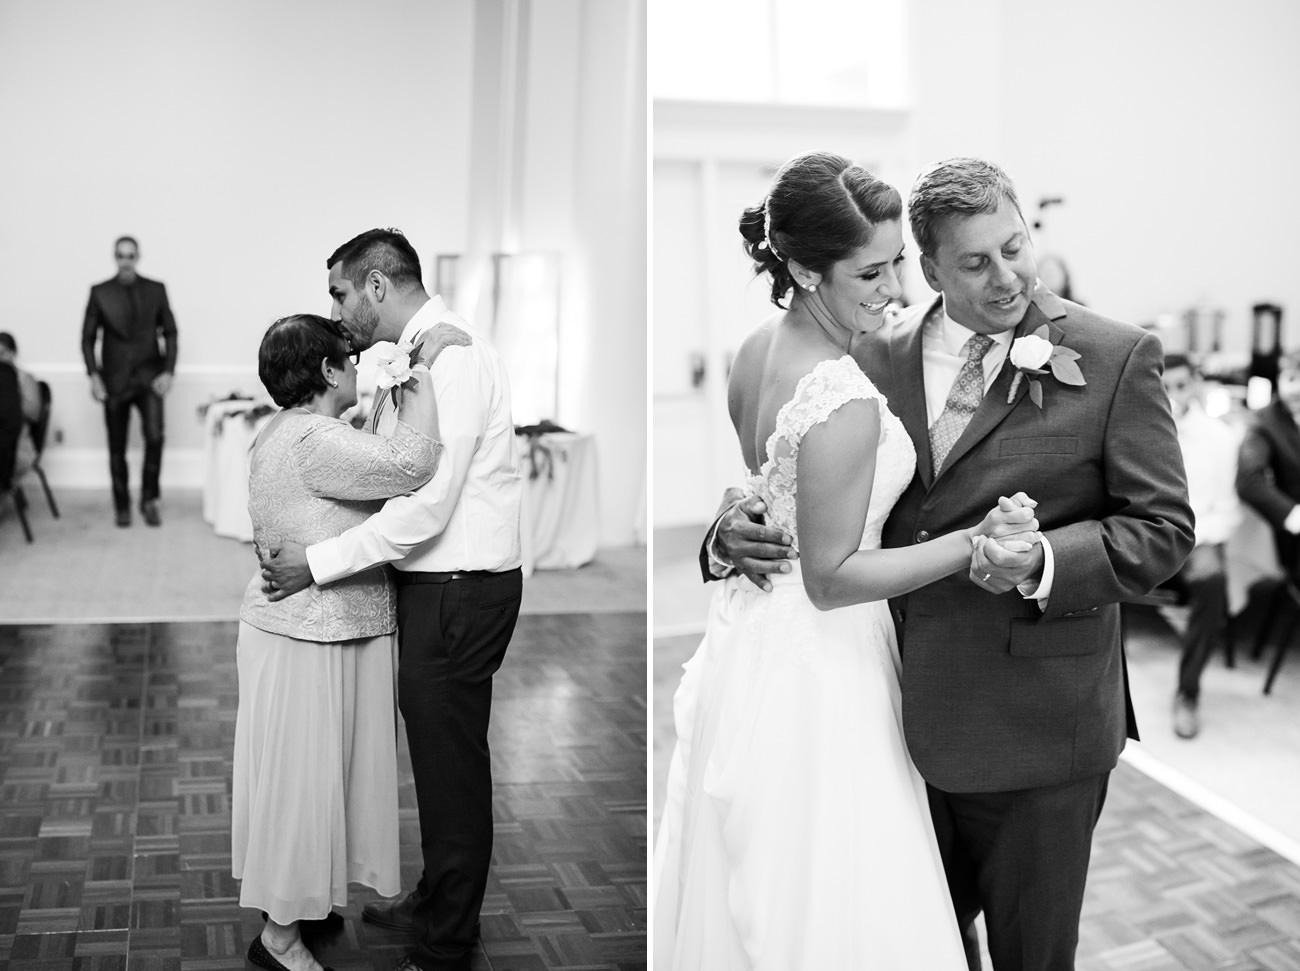 st-marys-catholic-wedding-26 St Marys Catholic Wedding   Eugene Oregon Photographer   Ariana & Chavo